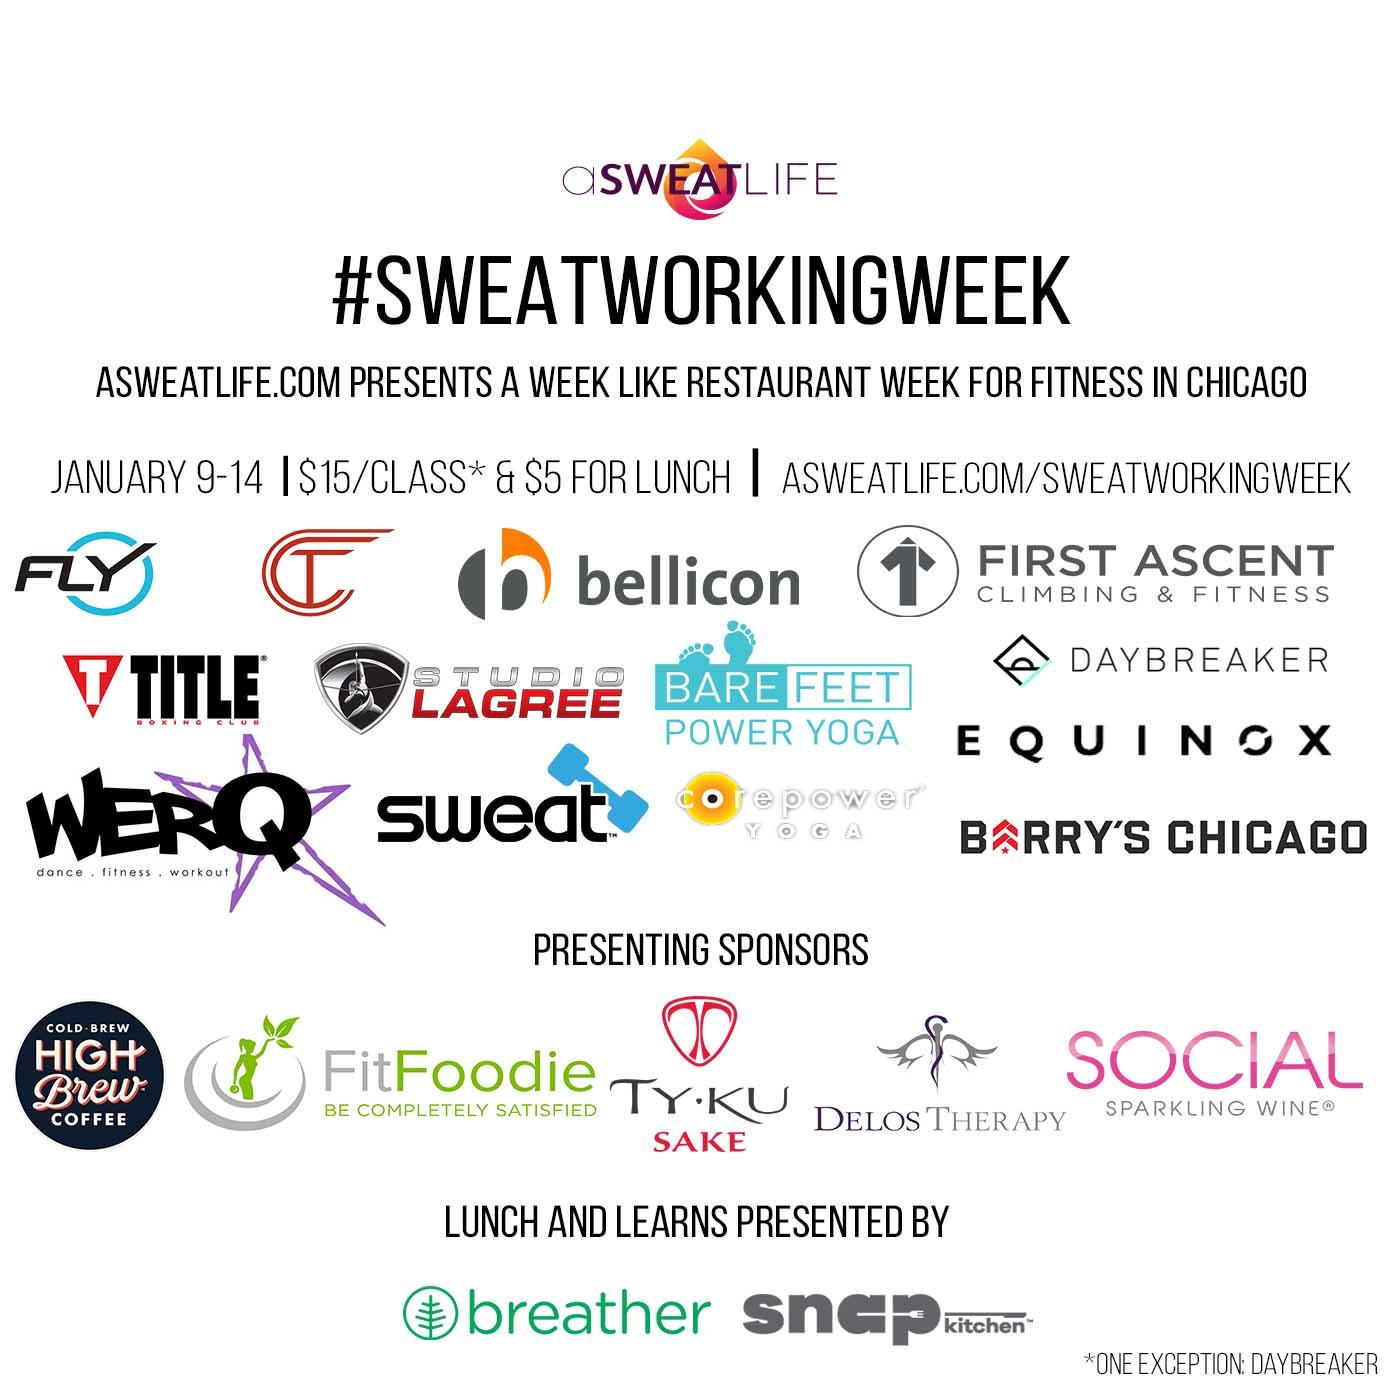 asweatlife_sweatworkingweek_promo-7